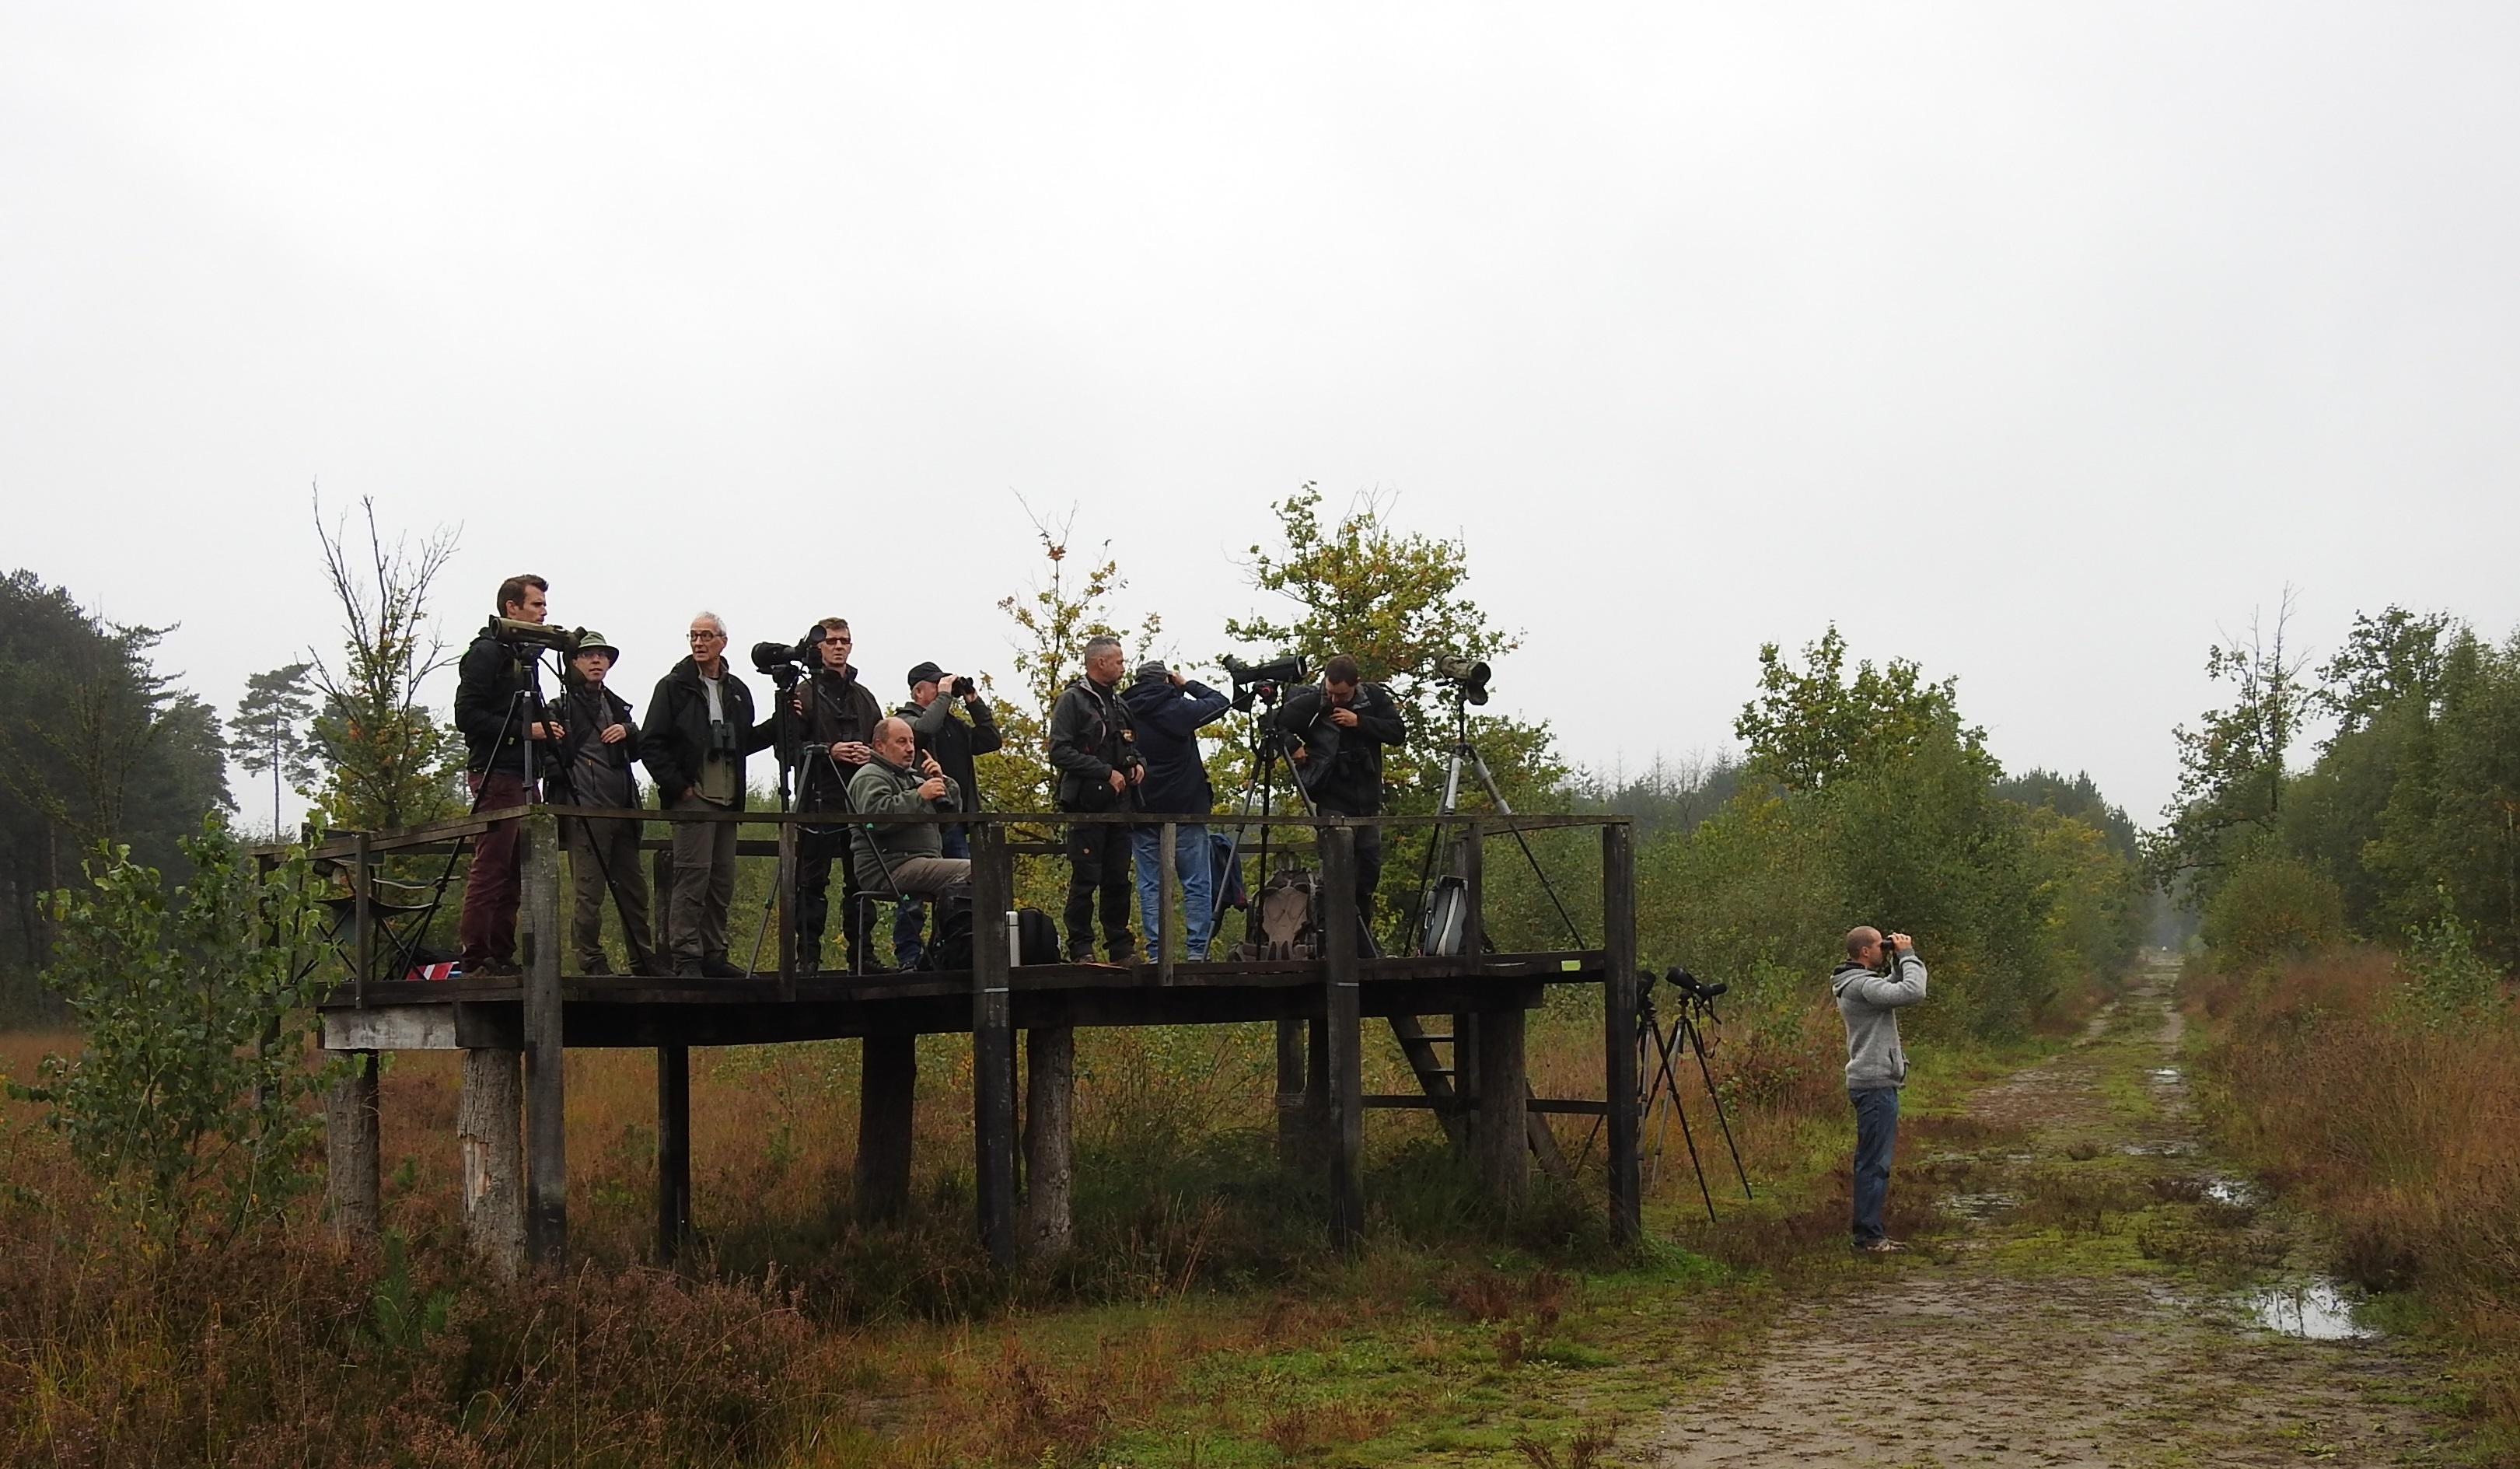 Trektelpost in de regen in Averbode Bos en Heide